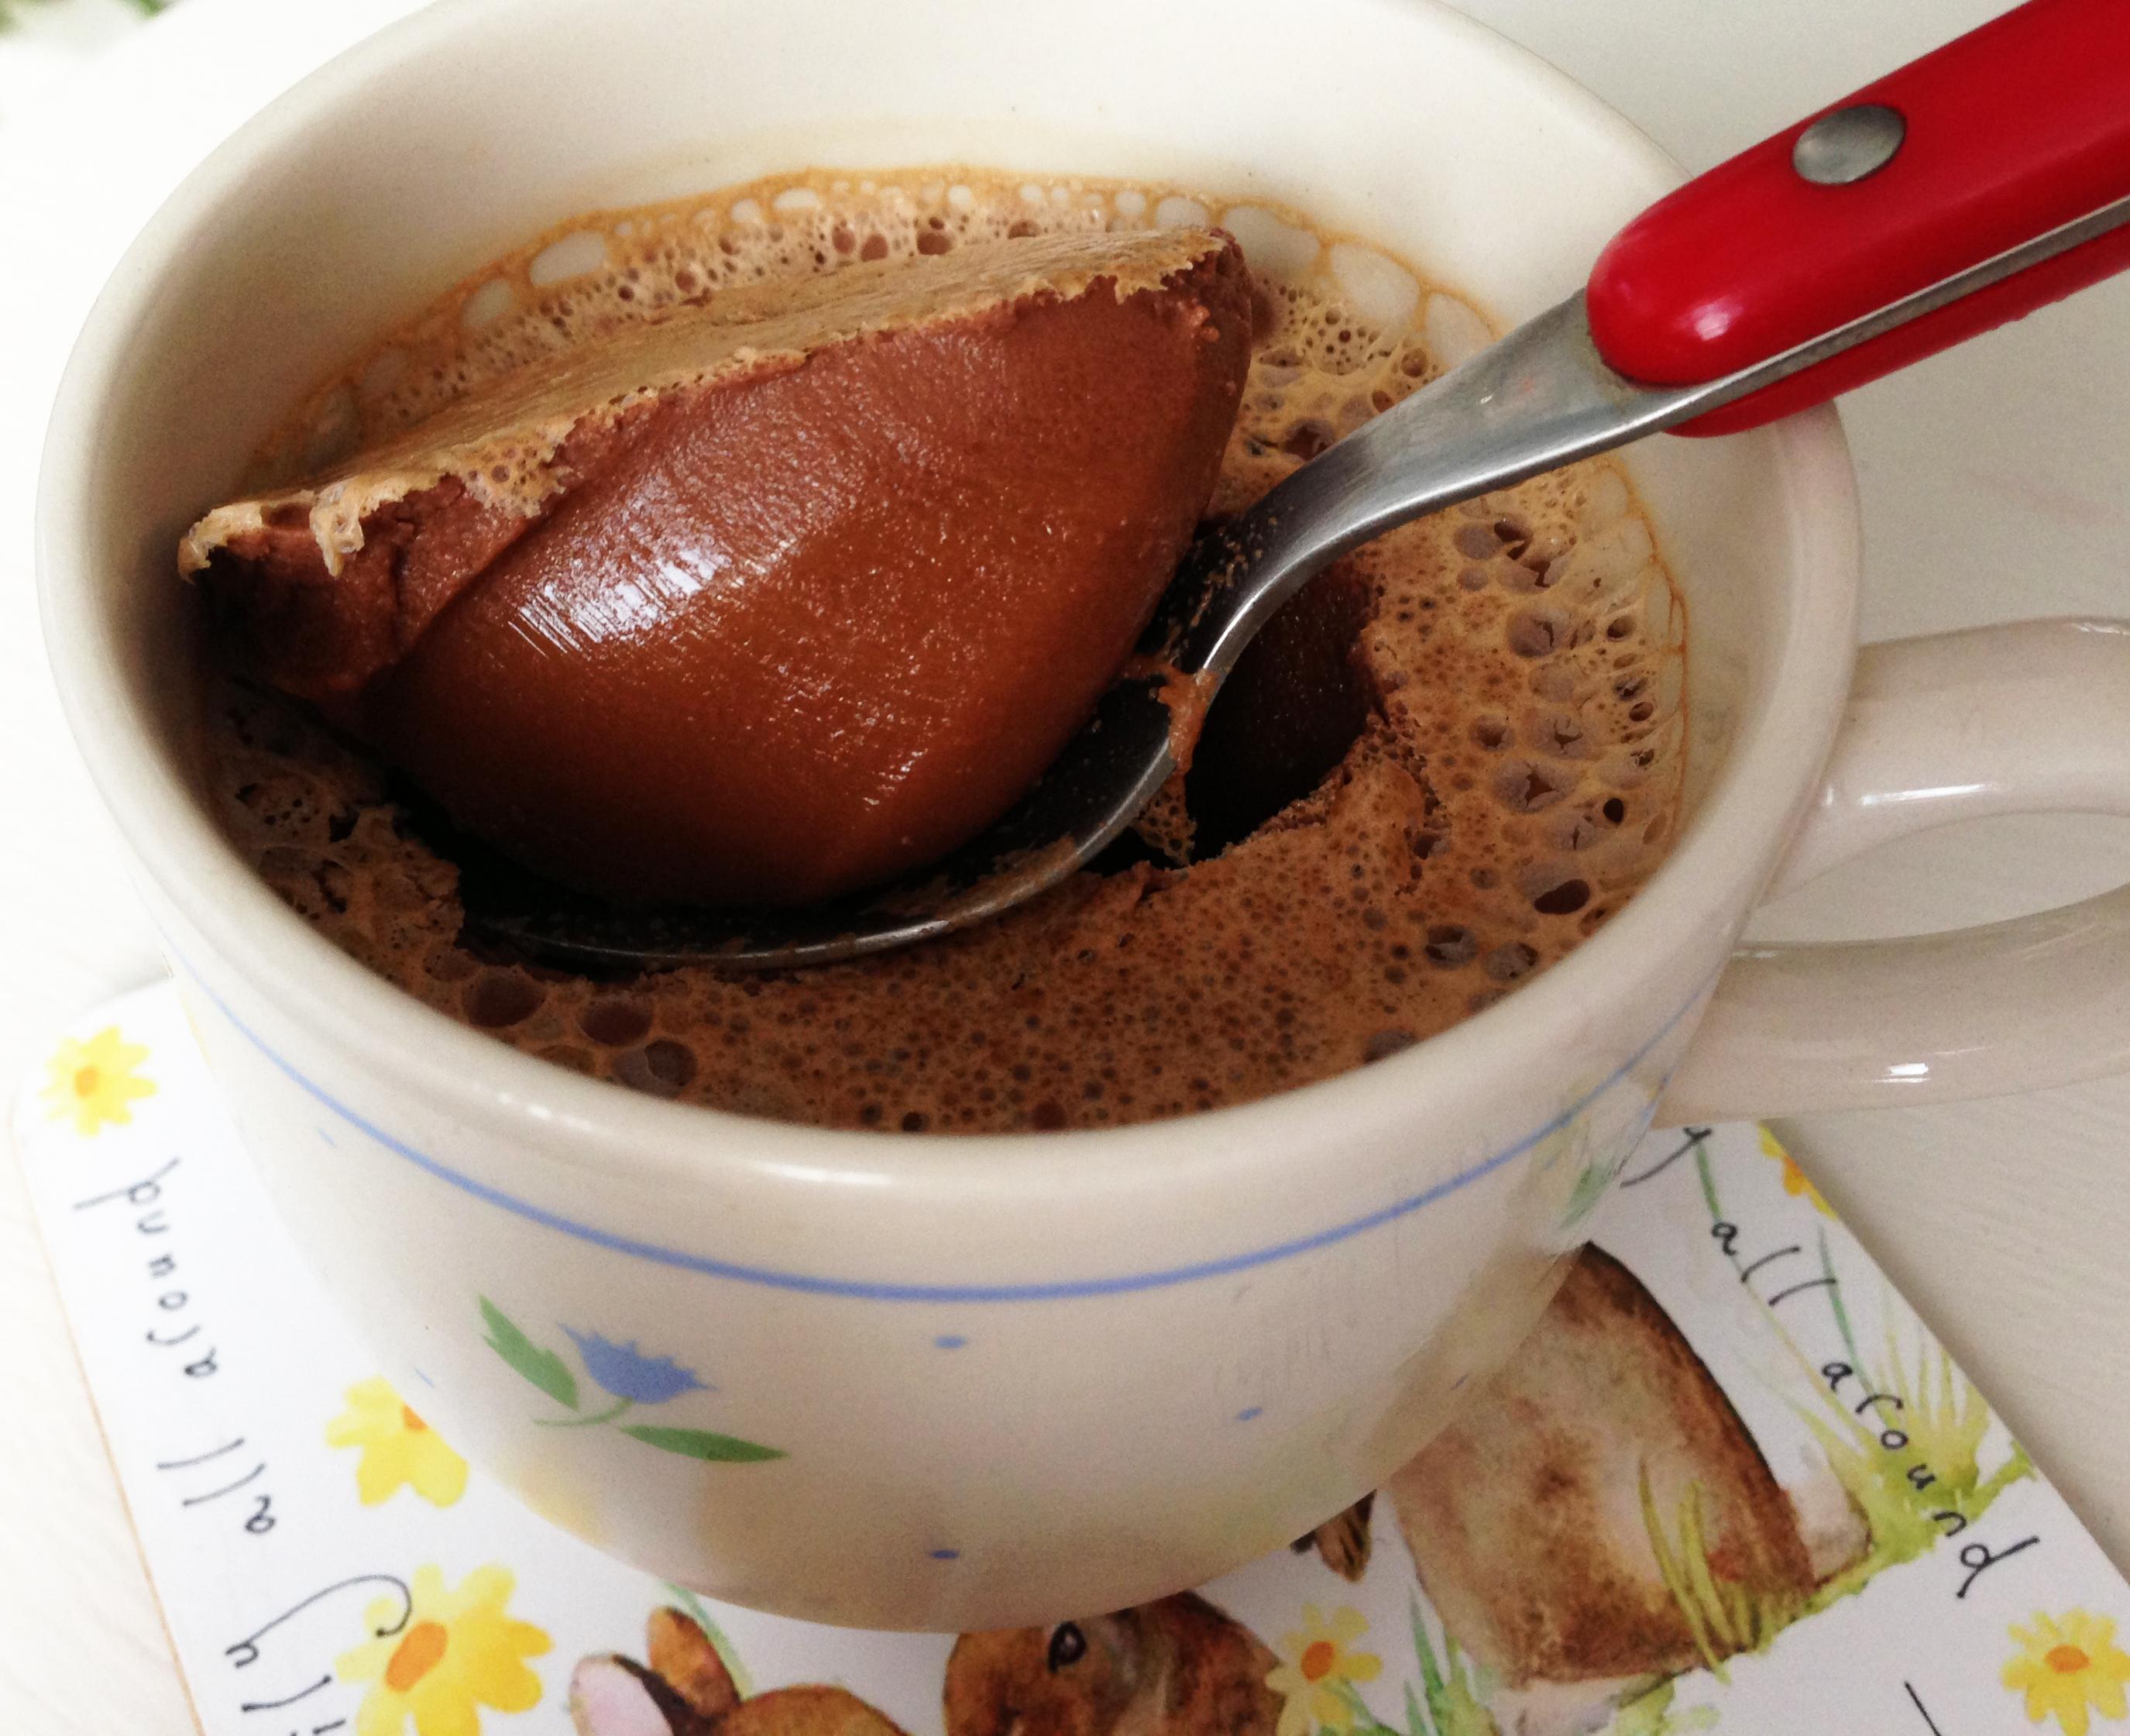 Keto Cake Recipe With Stevia: Stevia-Shop